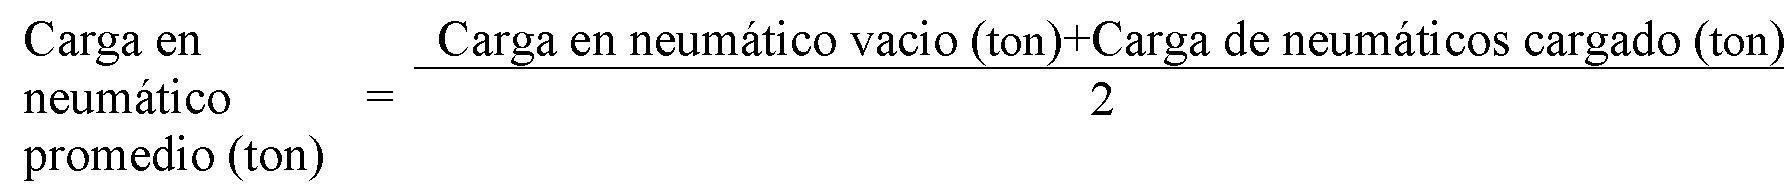 30 neumaticos - ecuacion 9.15